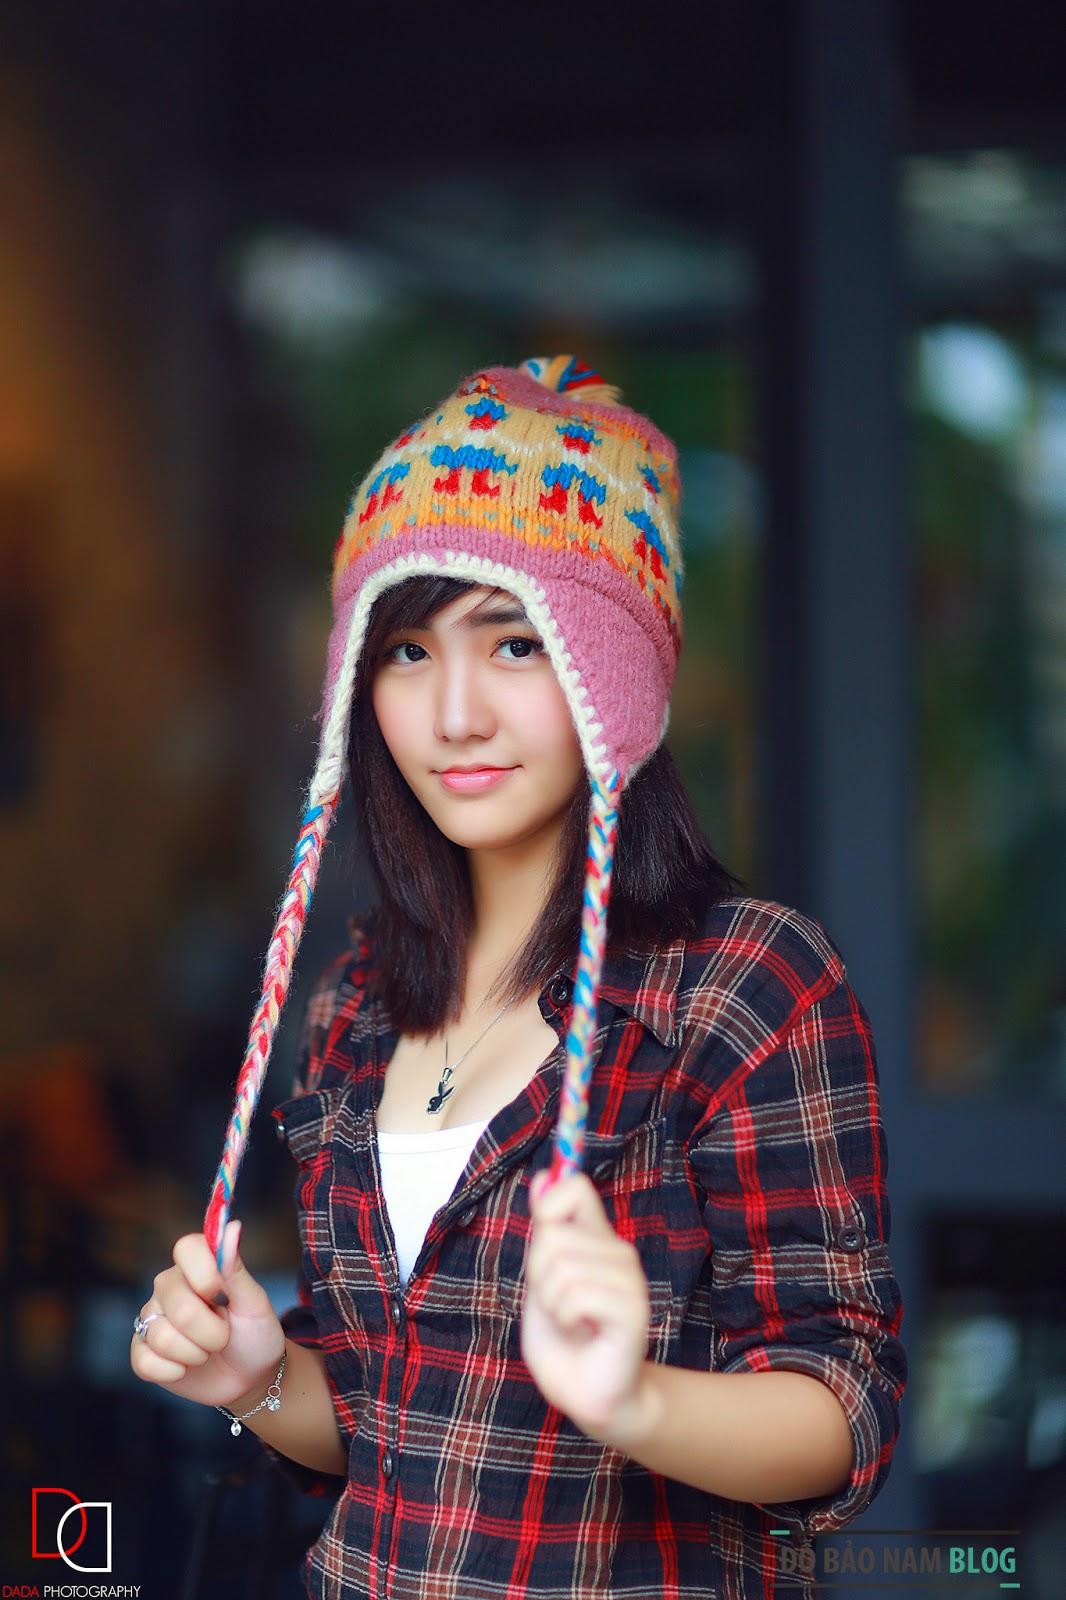 Ảnh đẹp girl xinh mới nhất 2014 được tuyển chọn 11